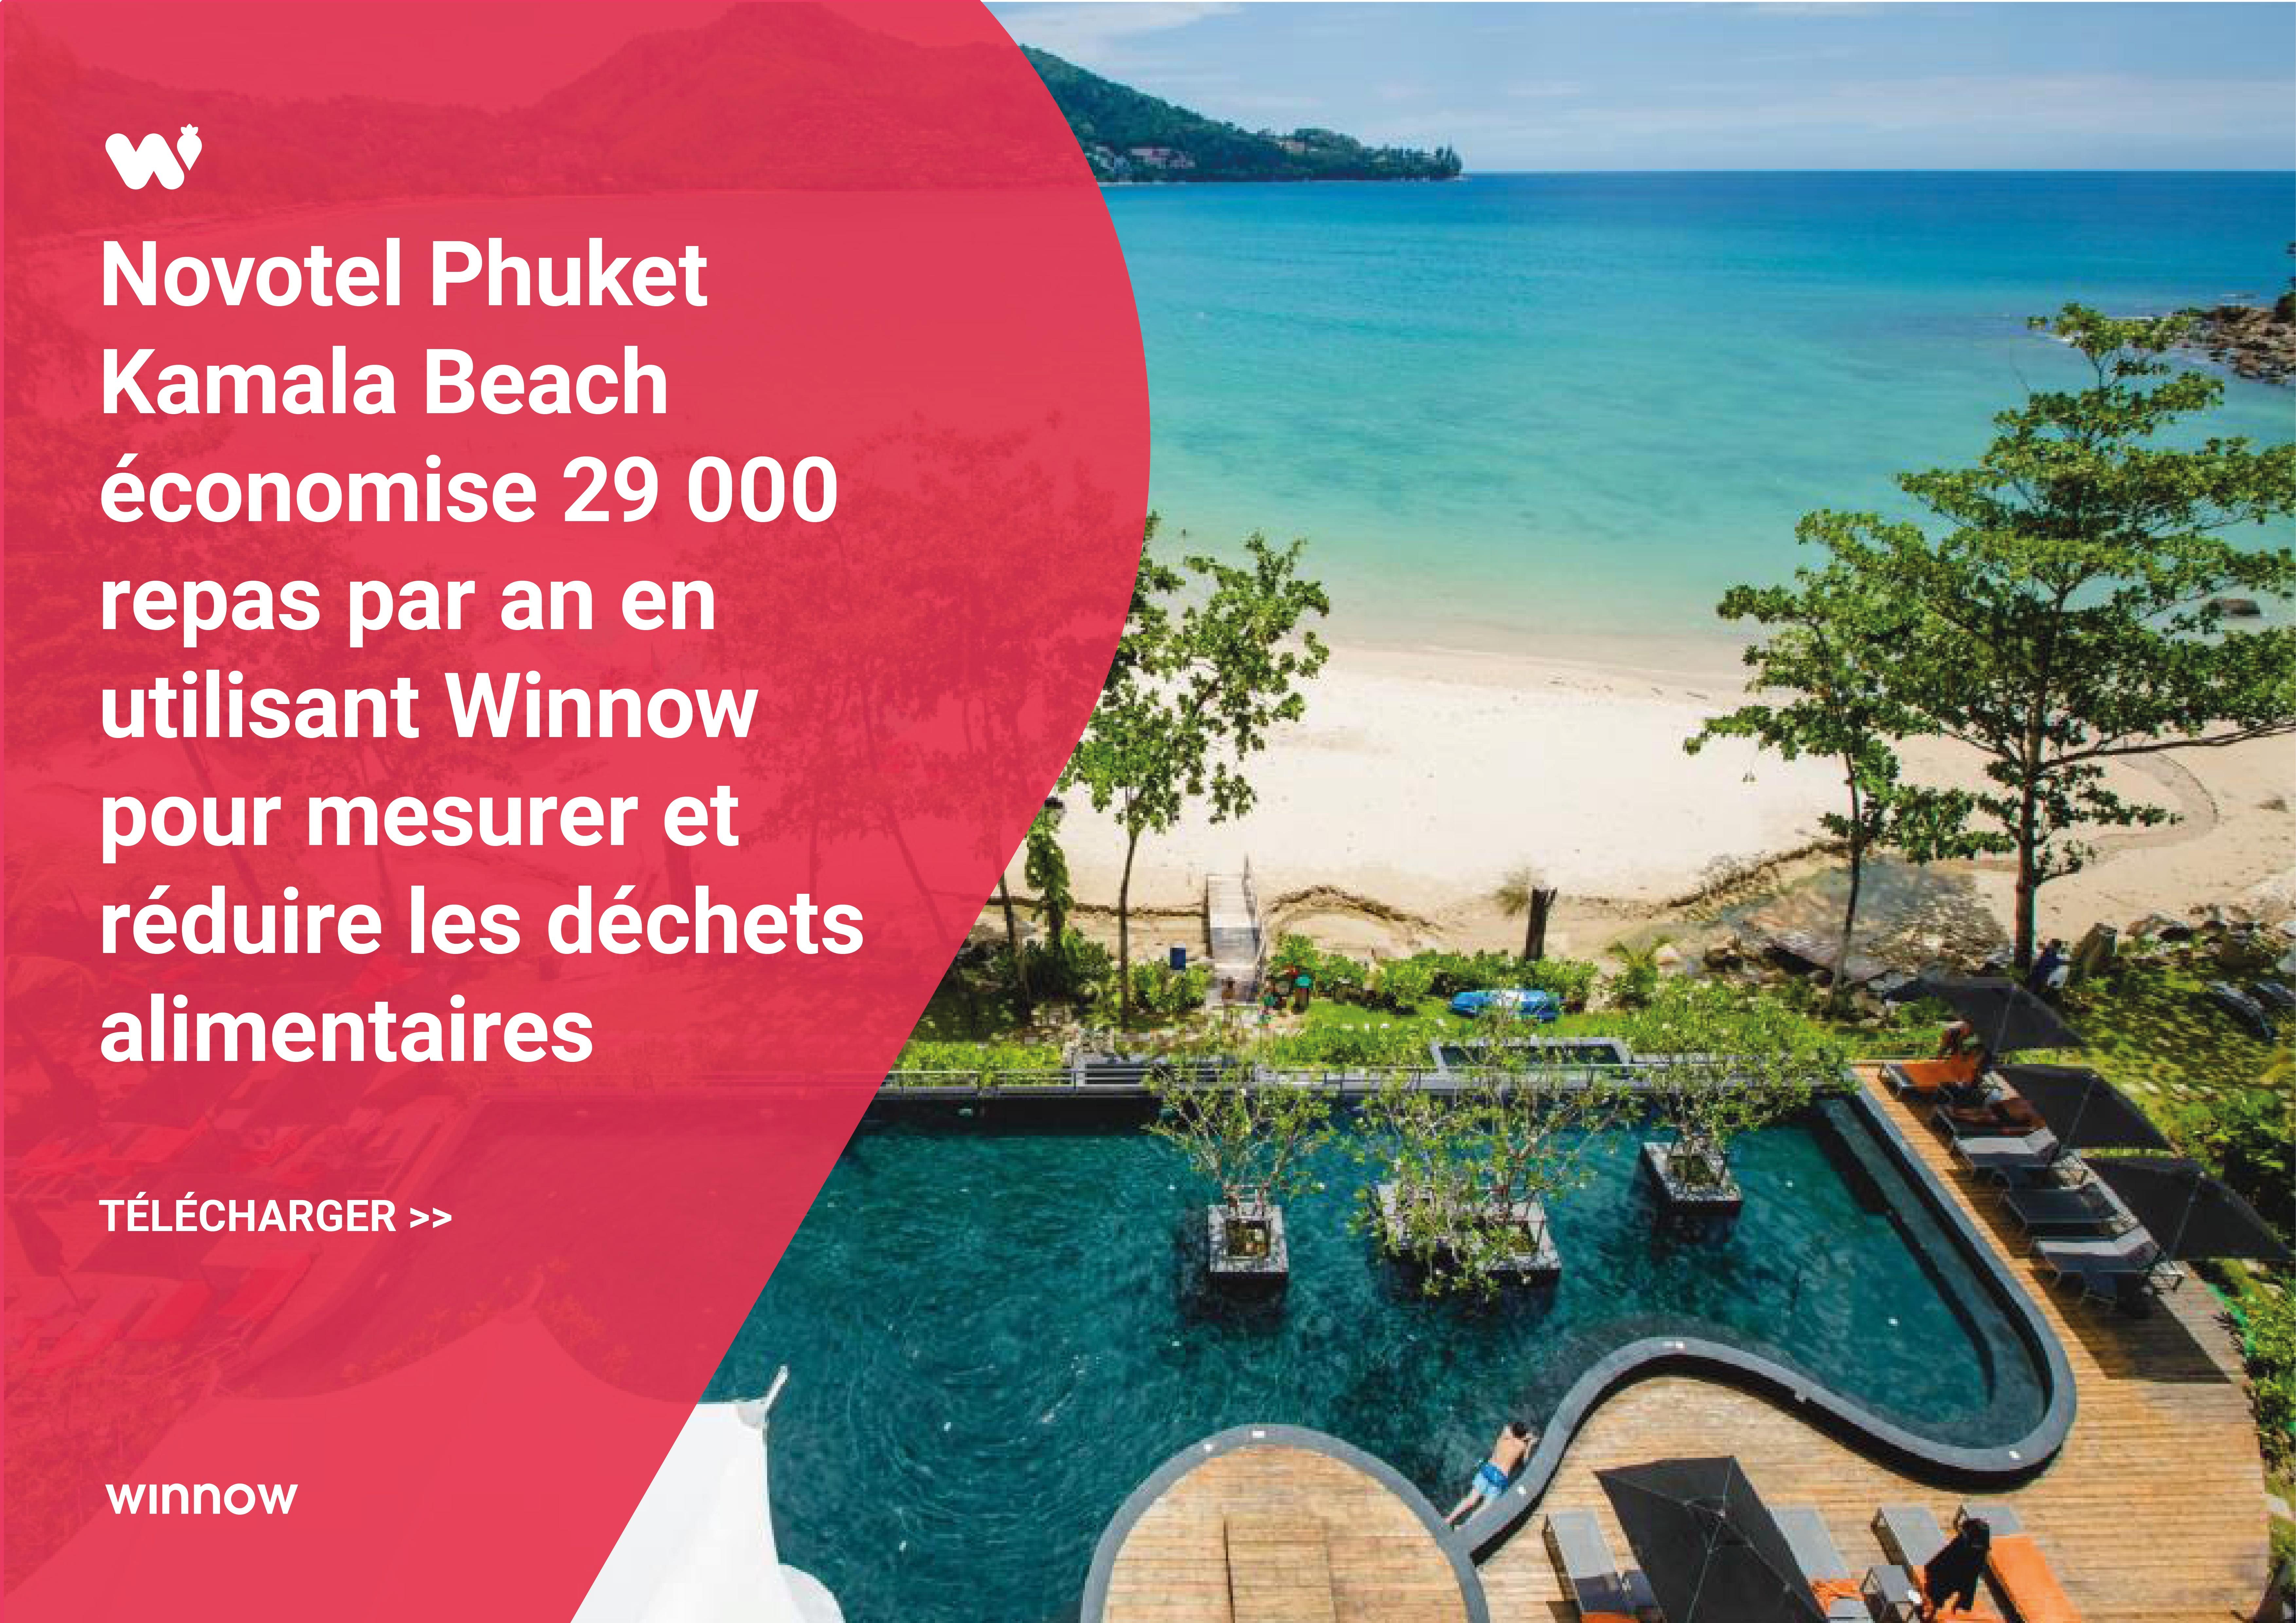 Novotel Phuket Kamala